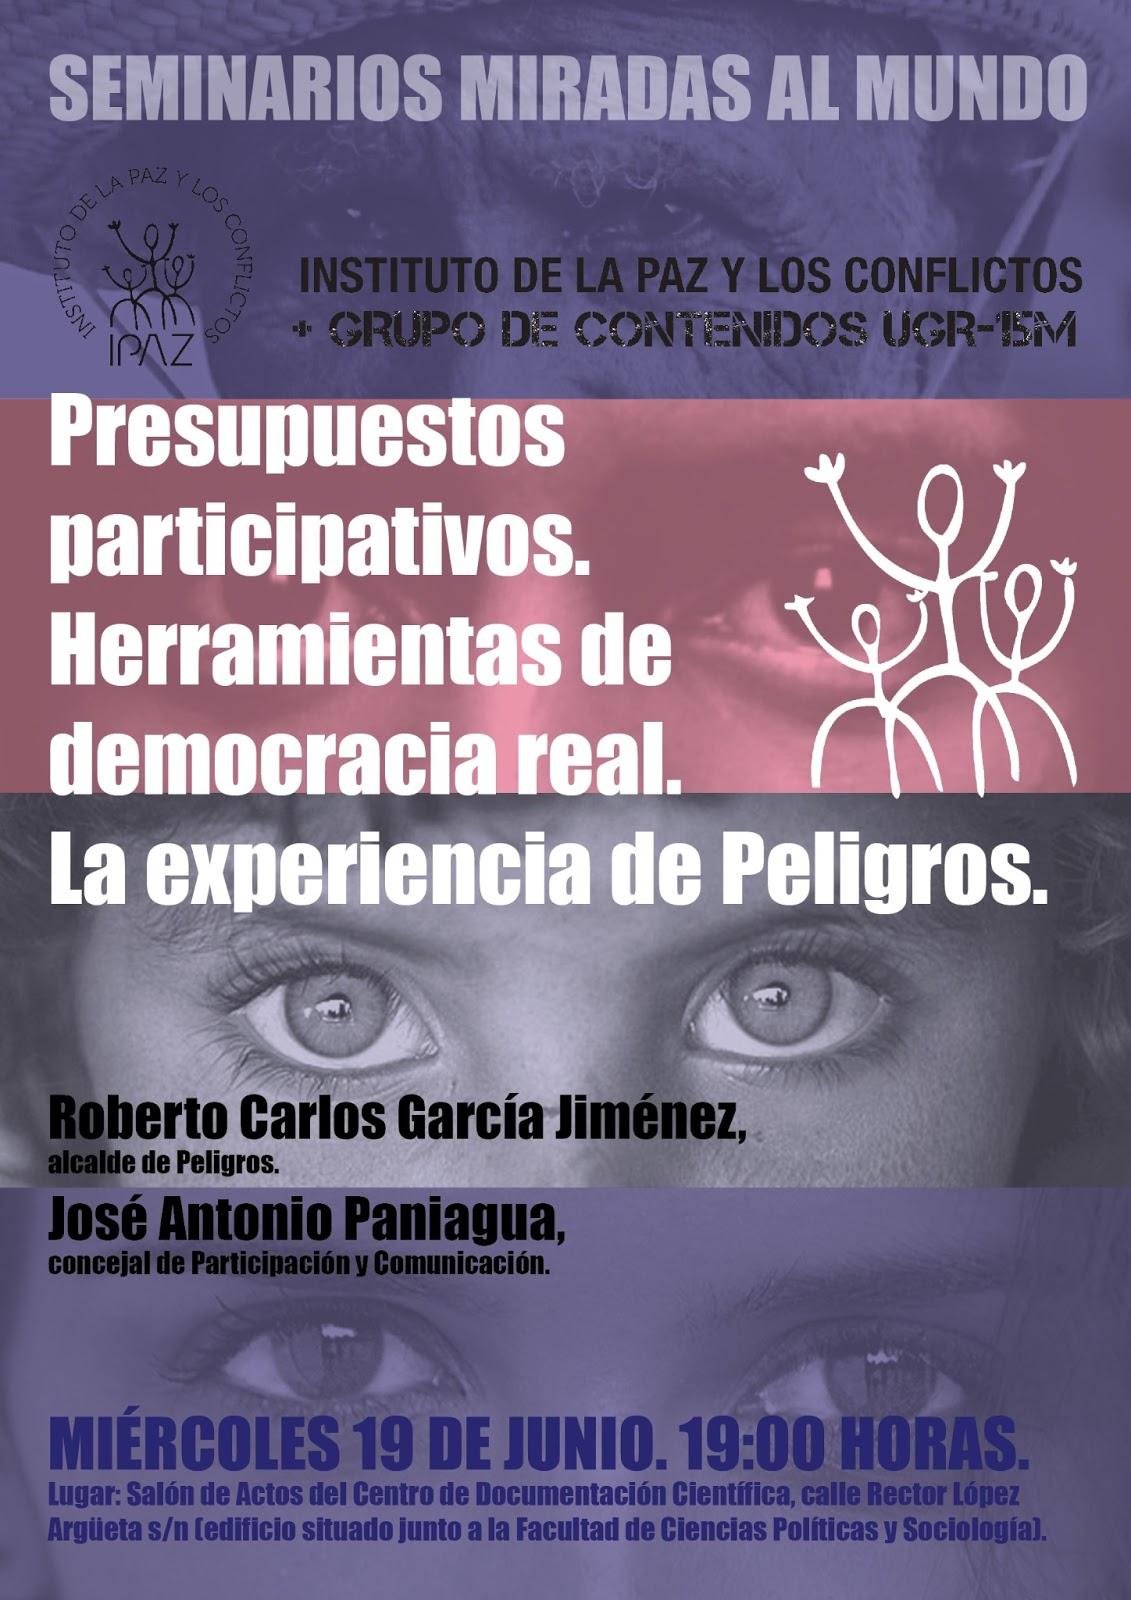 """Semiarios Miradas al Mundo: """"Presupuestos participativos. Herramientas de democracia real. La experiencia de Peligros""""."""